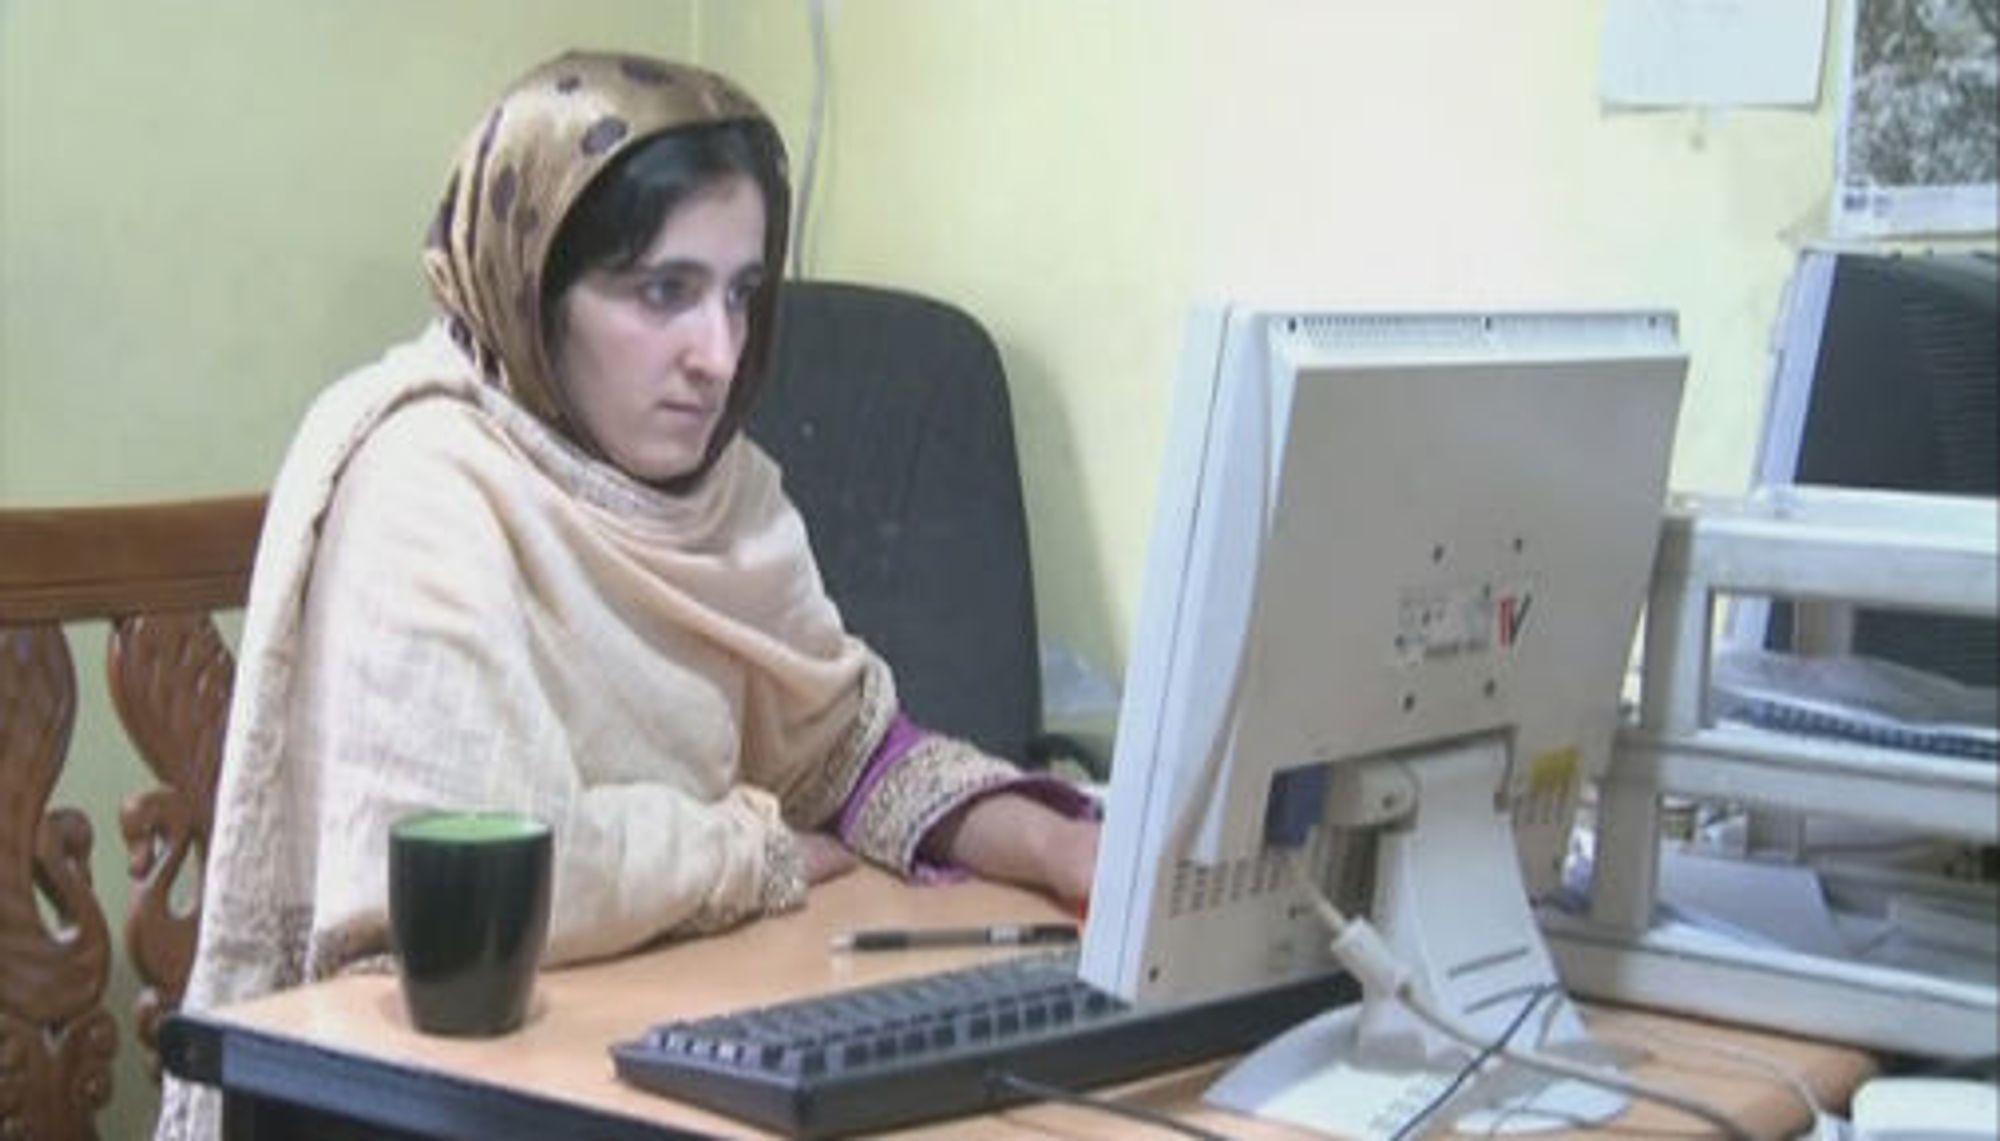 Noen mil fra områder hvor Taliban vansirer skolejenter, gir usensurert nettilgang en mulighet for normale studier og yrkesliv. (foto: Nato Channel)